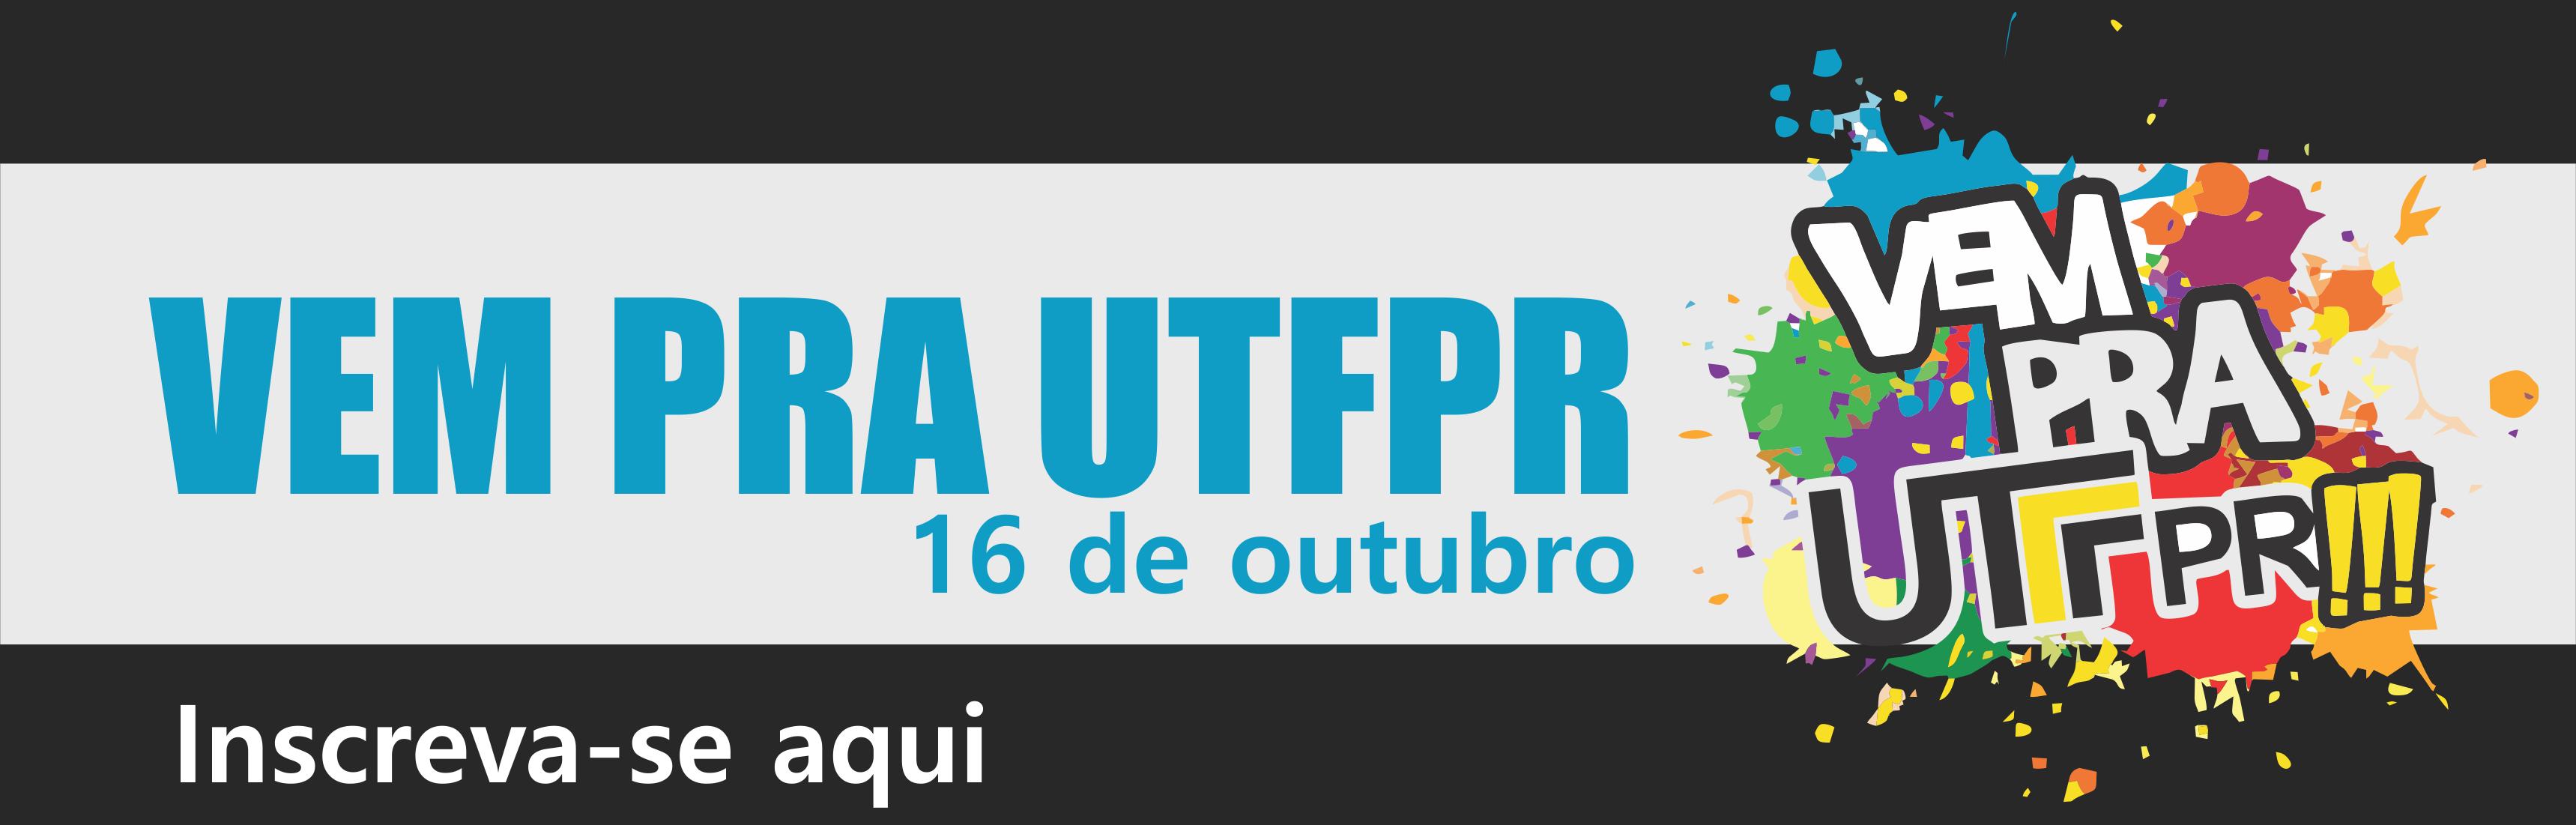 Vem pra UTFPR